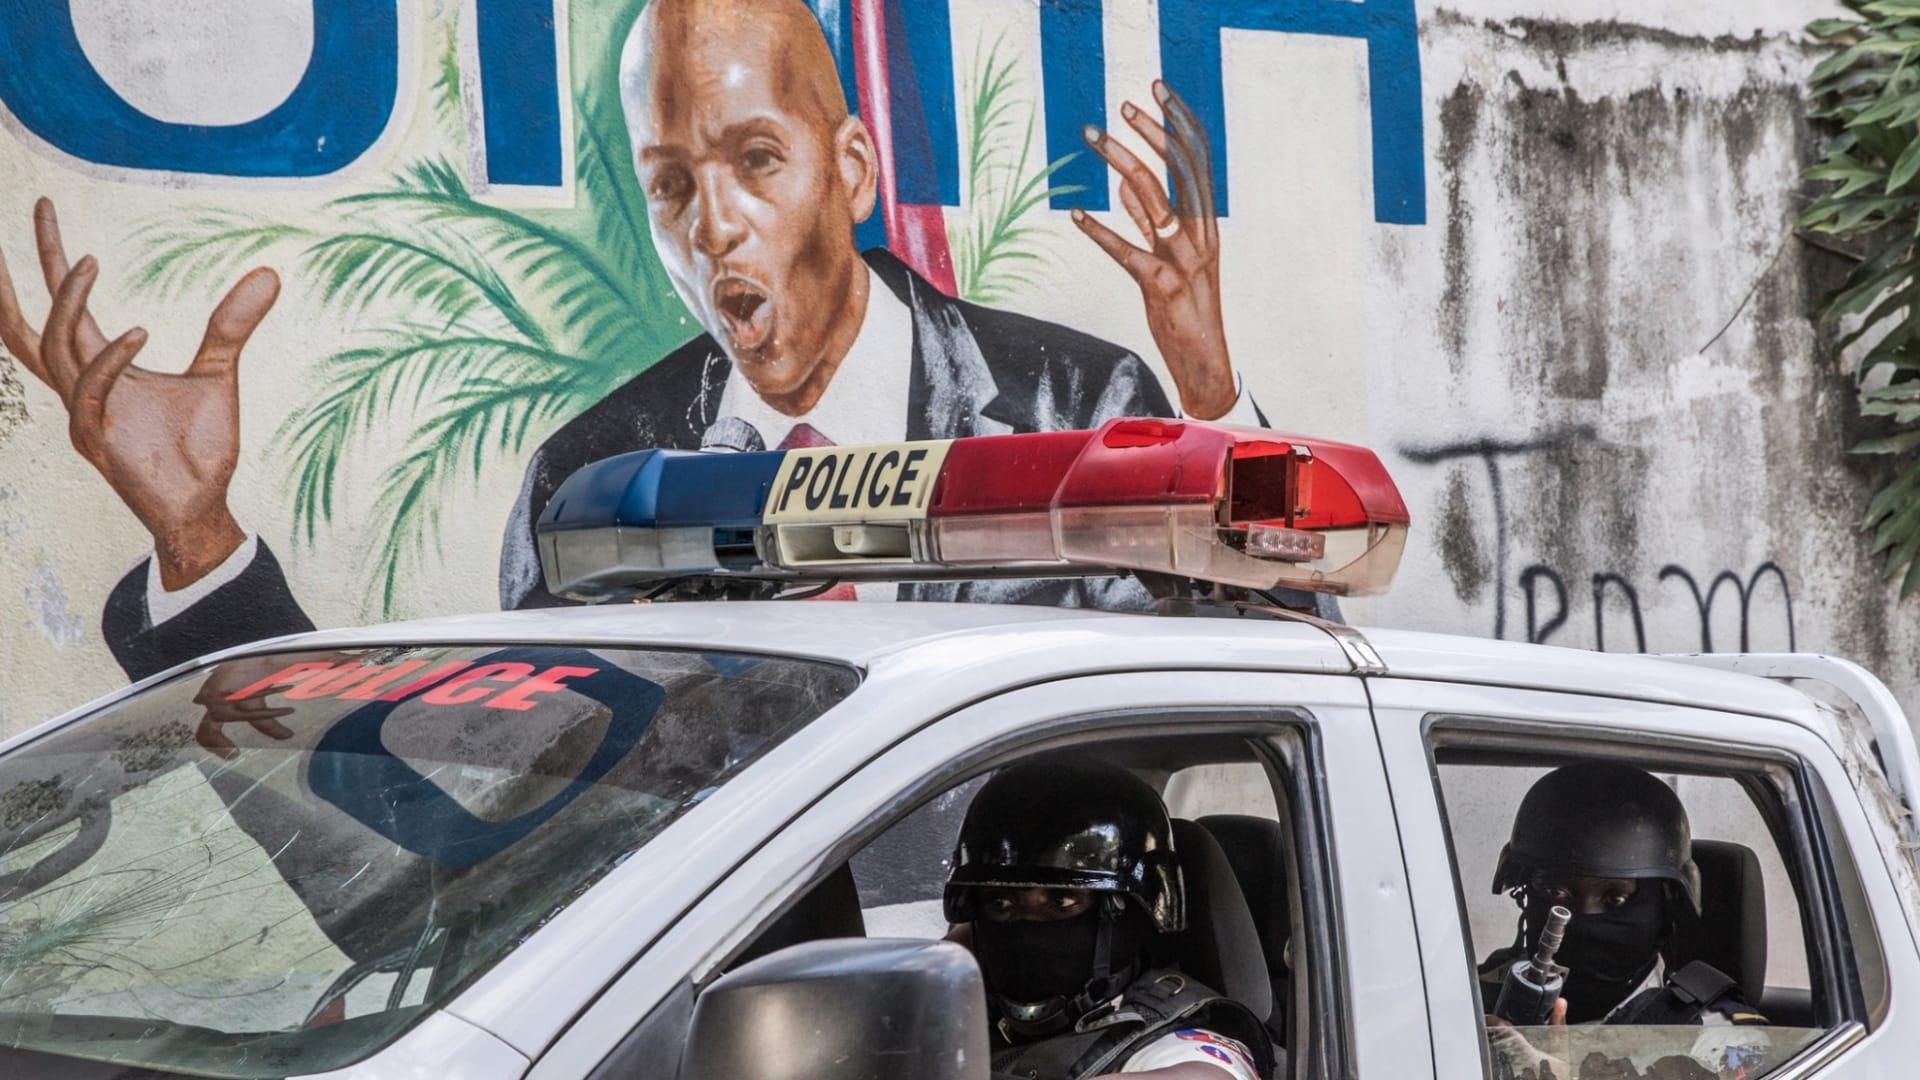 حصرياً: دلائل عن التعتيم على التحقيق في اغتيال رئيس هايتي